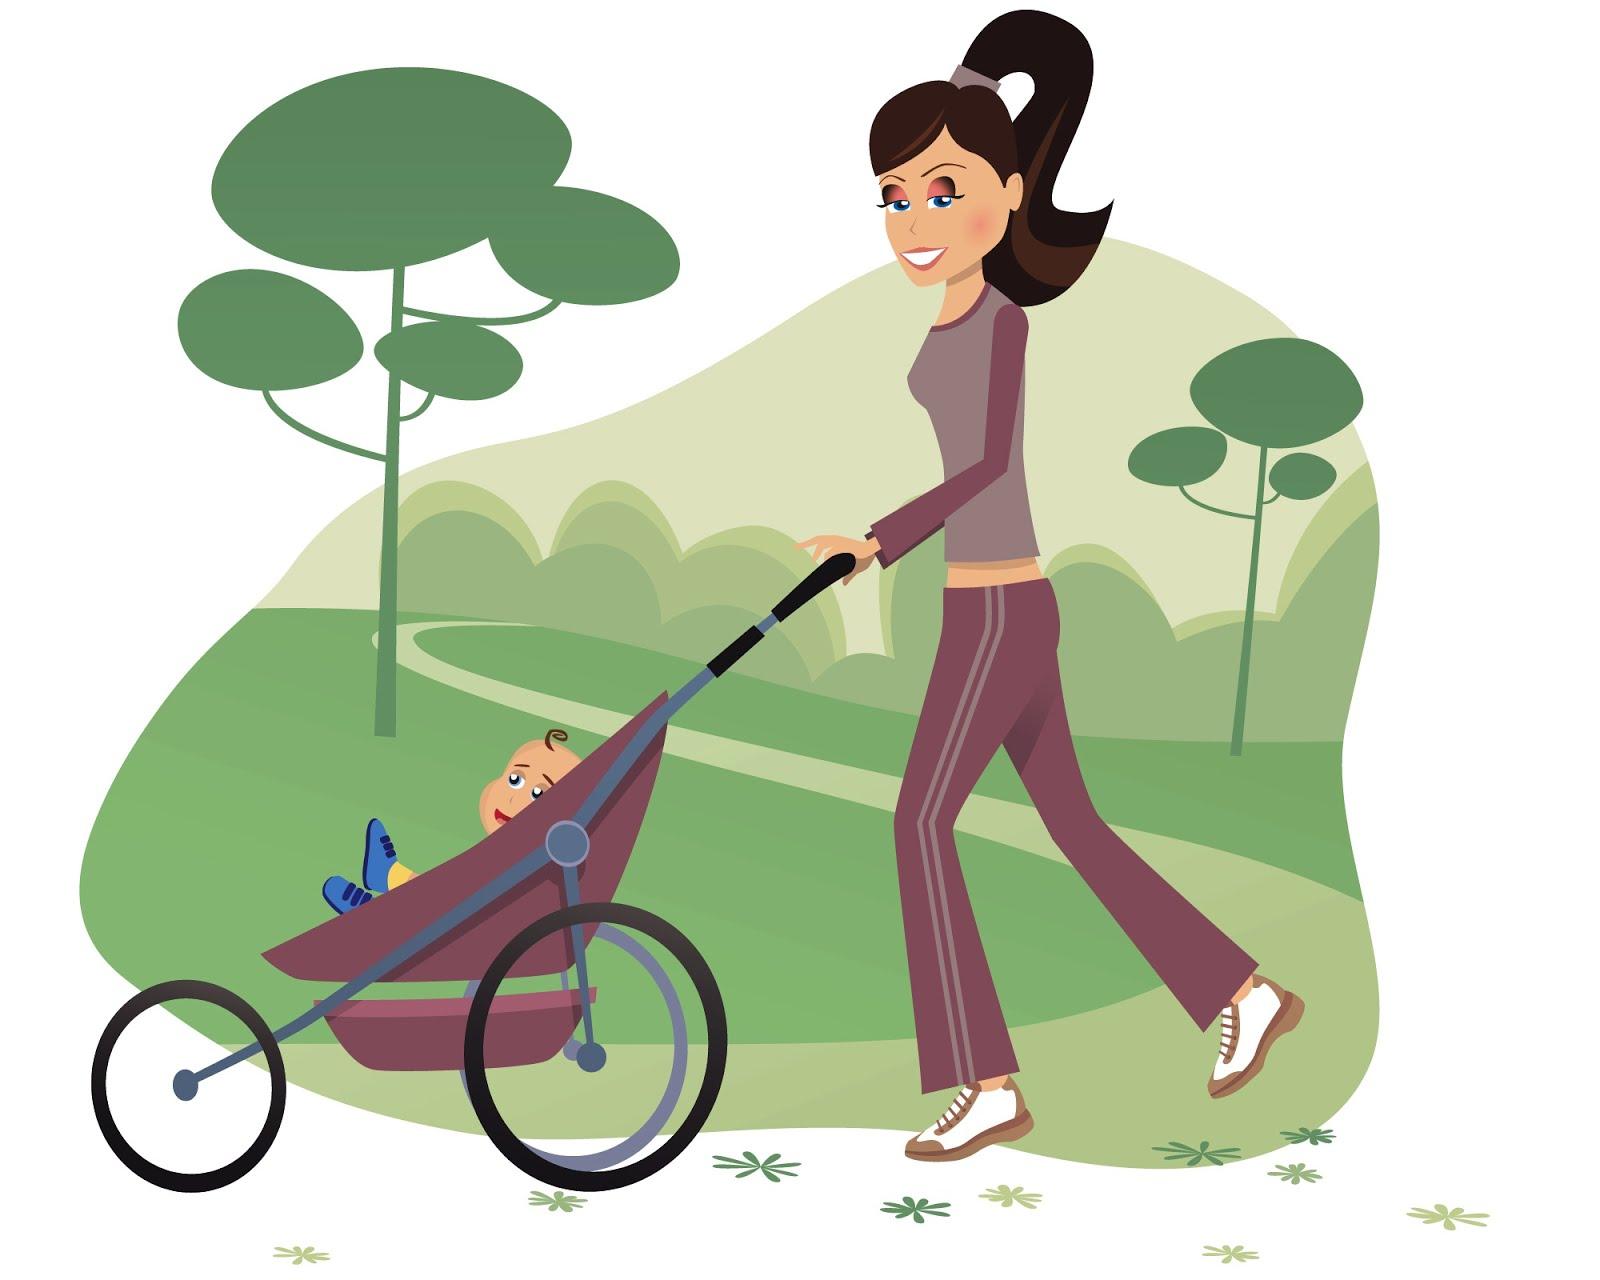 Ser Pai E Mãe Ao Mesmo Tempo Mensagem: Amor De Mãe Solo: Ser Mãe E Pai Ao Mesmo Tempo